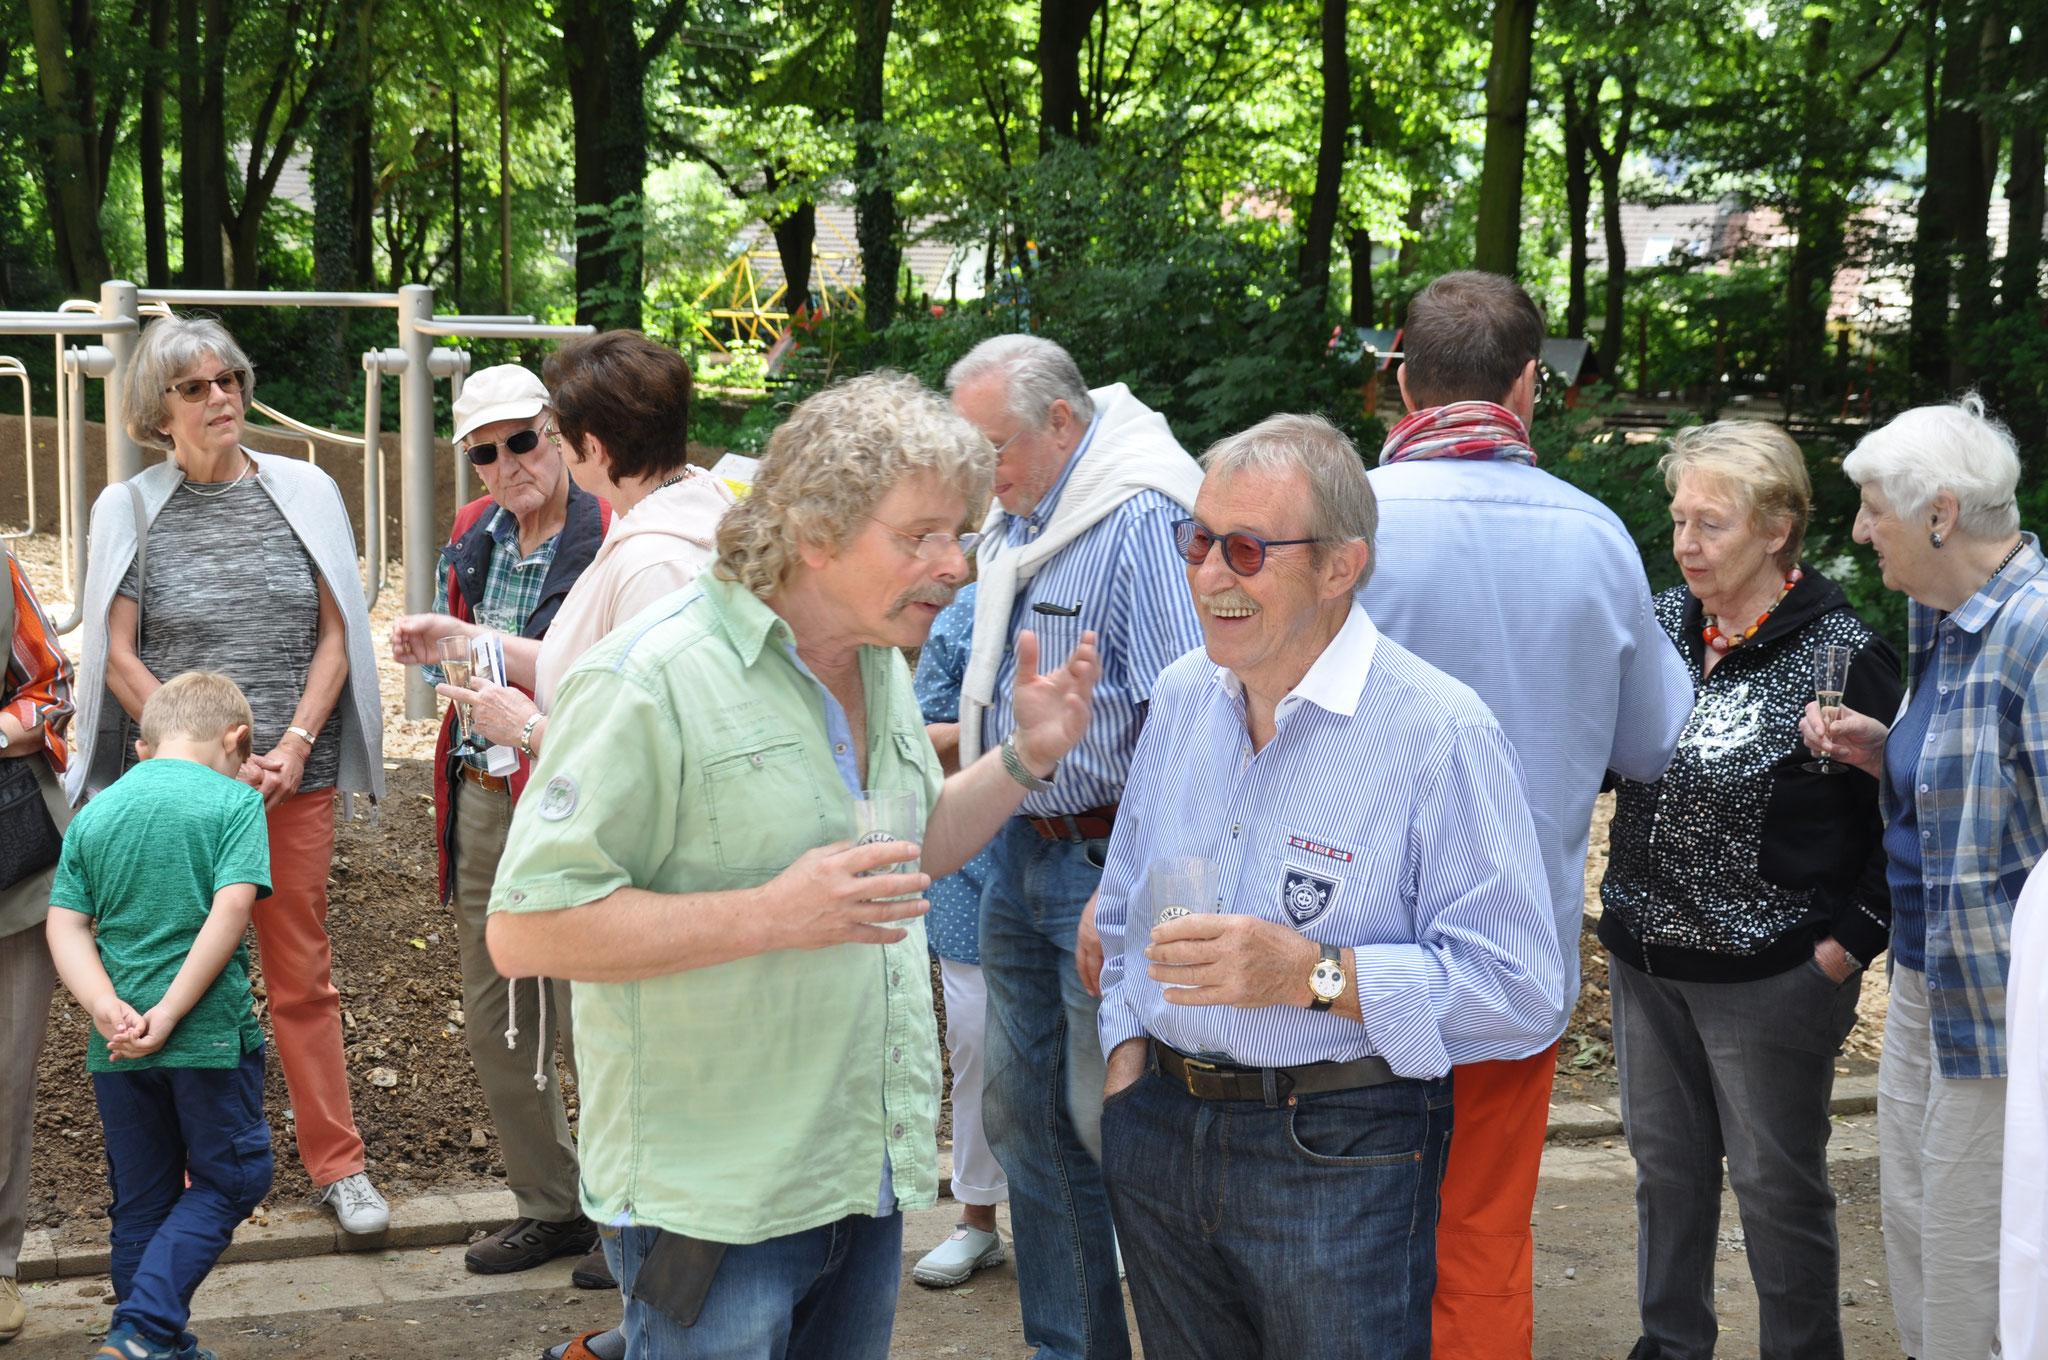 Atti Reinartz Hatzfeld und H.W. Riedesel Unterbarmen im Gespräch.